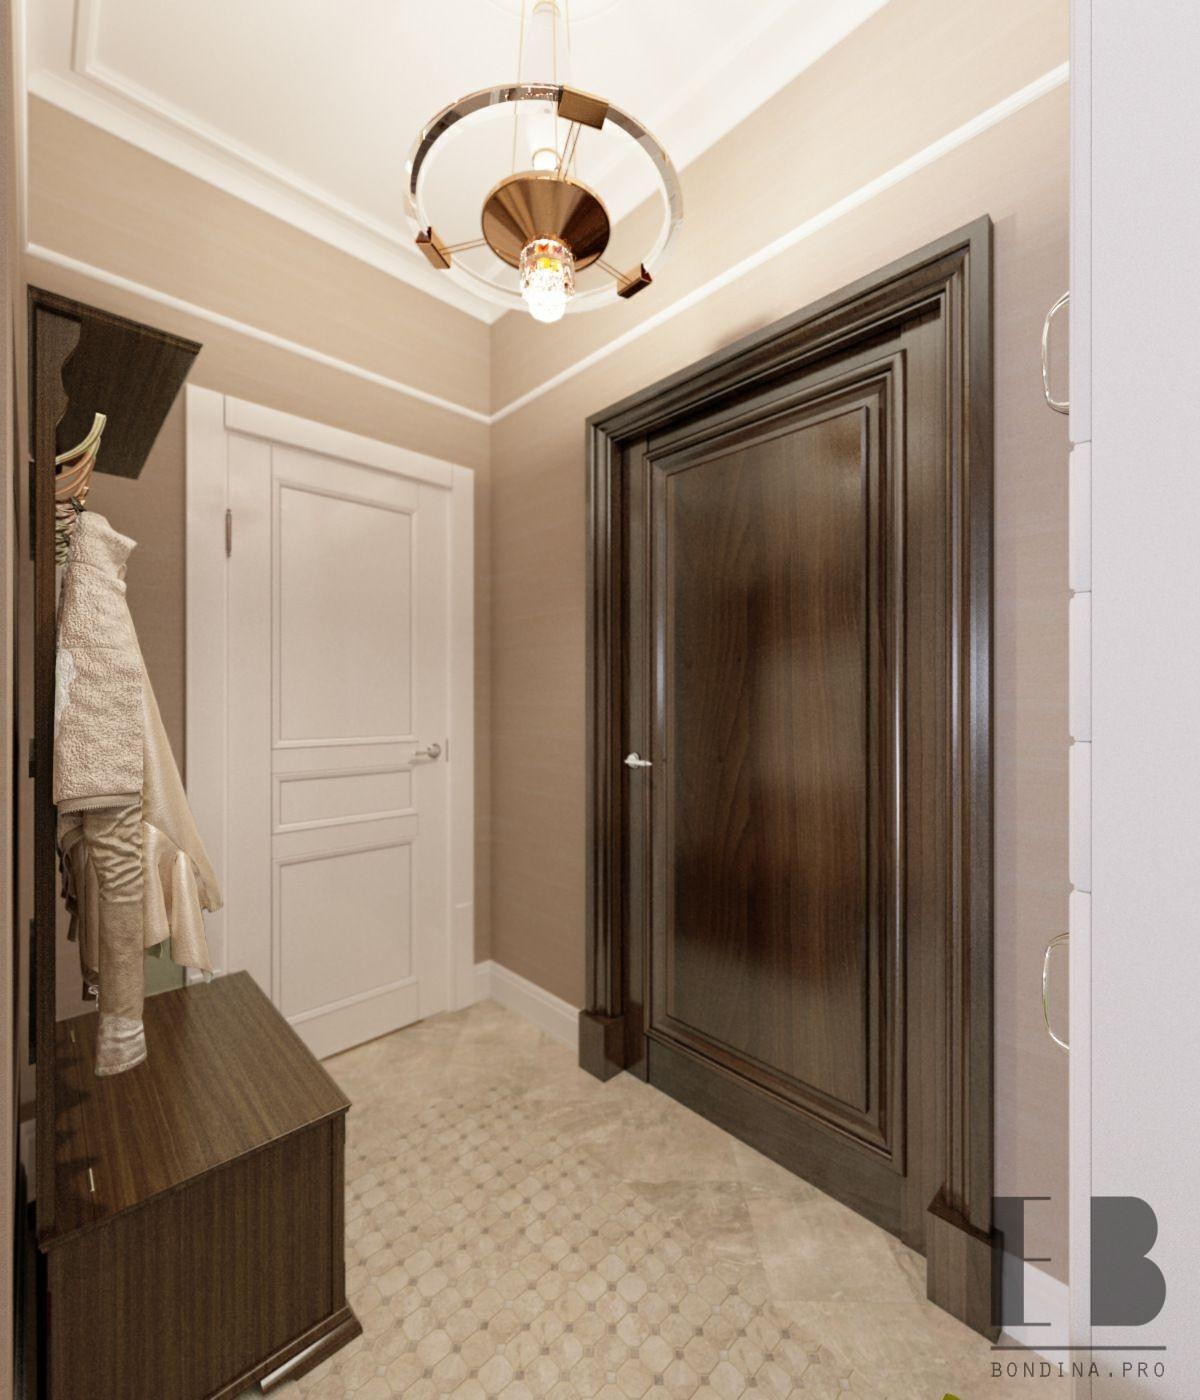 Small hallway in bright colors interior design